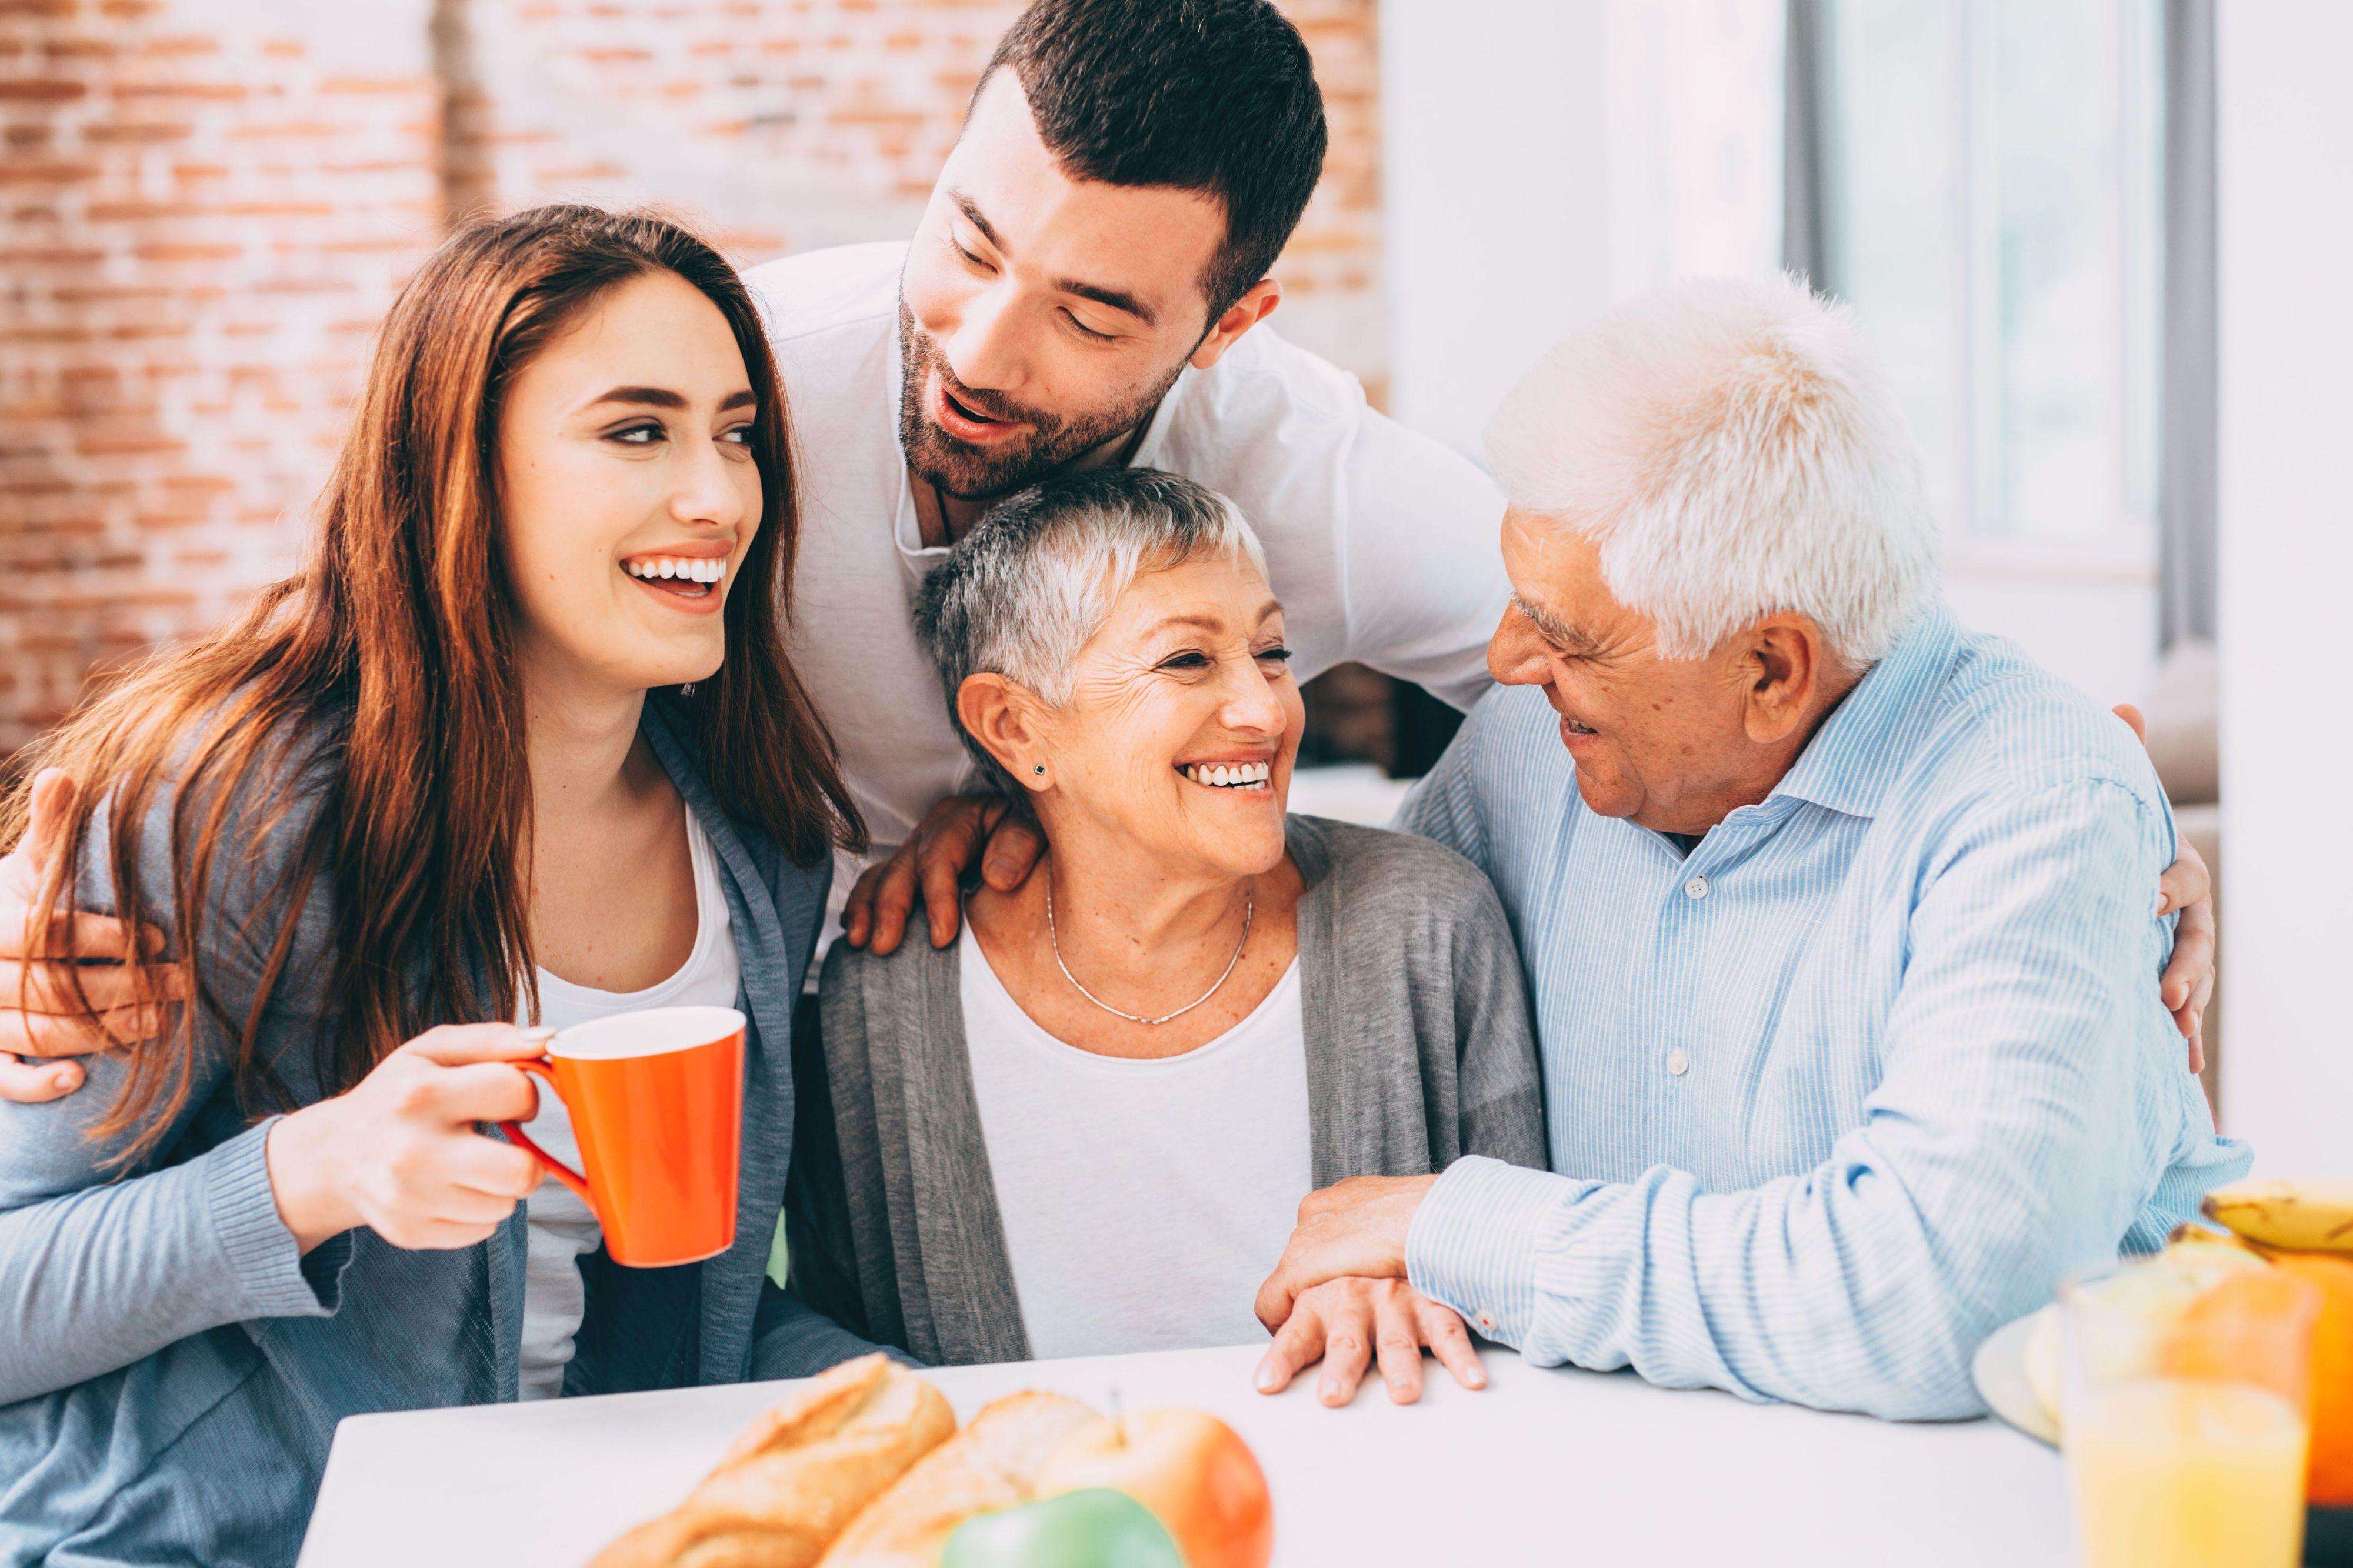 Die Familie ist den Bundesbürgern besonders wichtig, das Zusammensein mit den Liebsten könnte zum neuen Luxus werden. <br>Foto: djd/Eurojackpot/Getty Images/Todor Tsvetkov